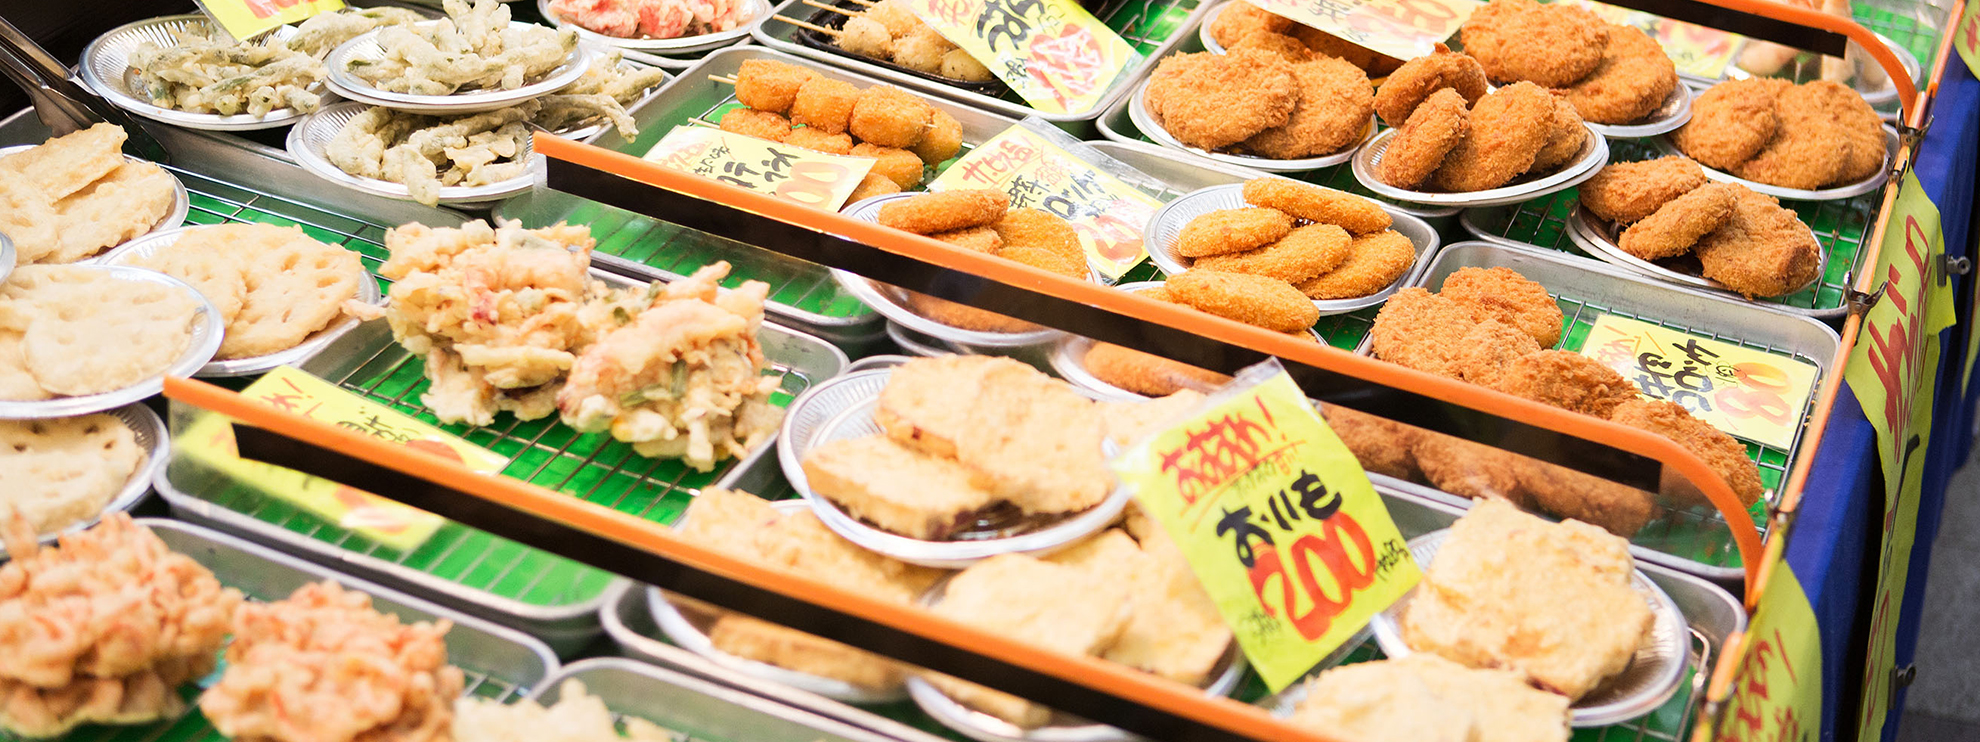 画像:黄金広場の一角で売られれている揚げ物たち